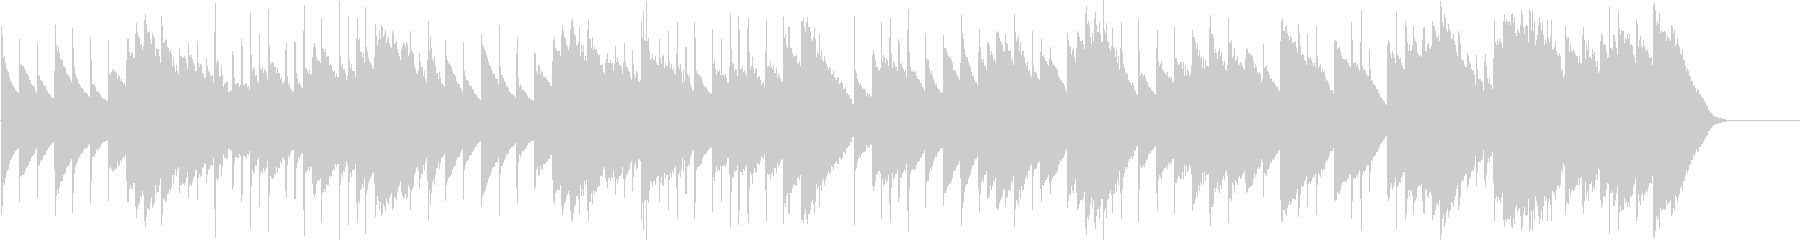 メヌエット ト短調(オルゴール)の未再生の波形